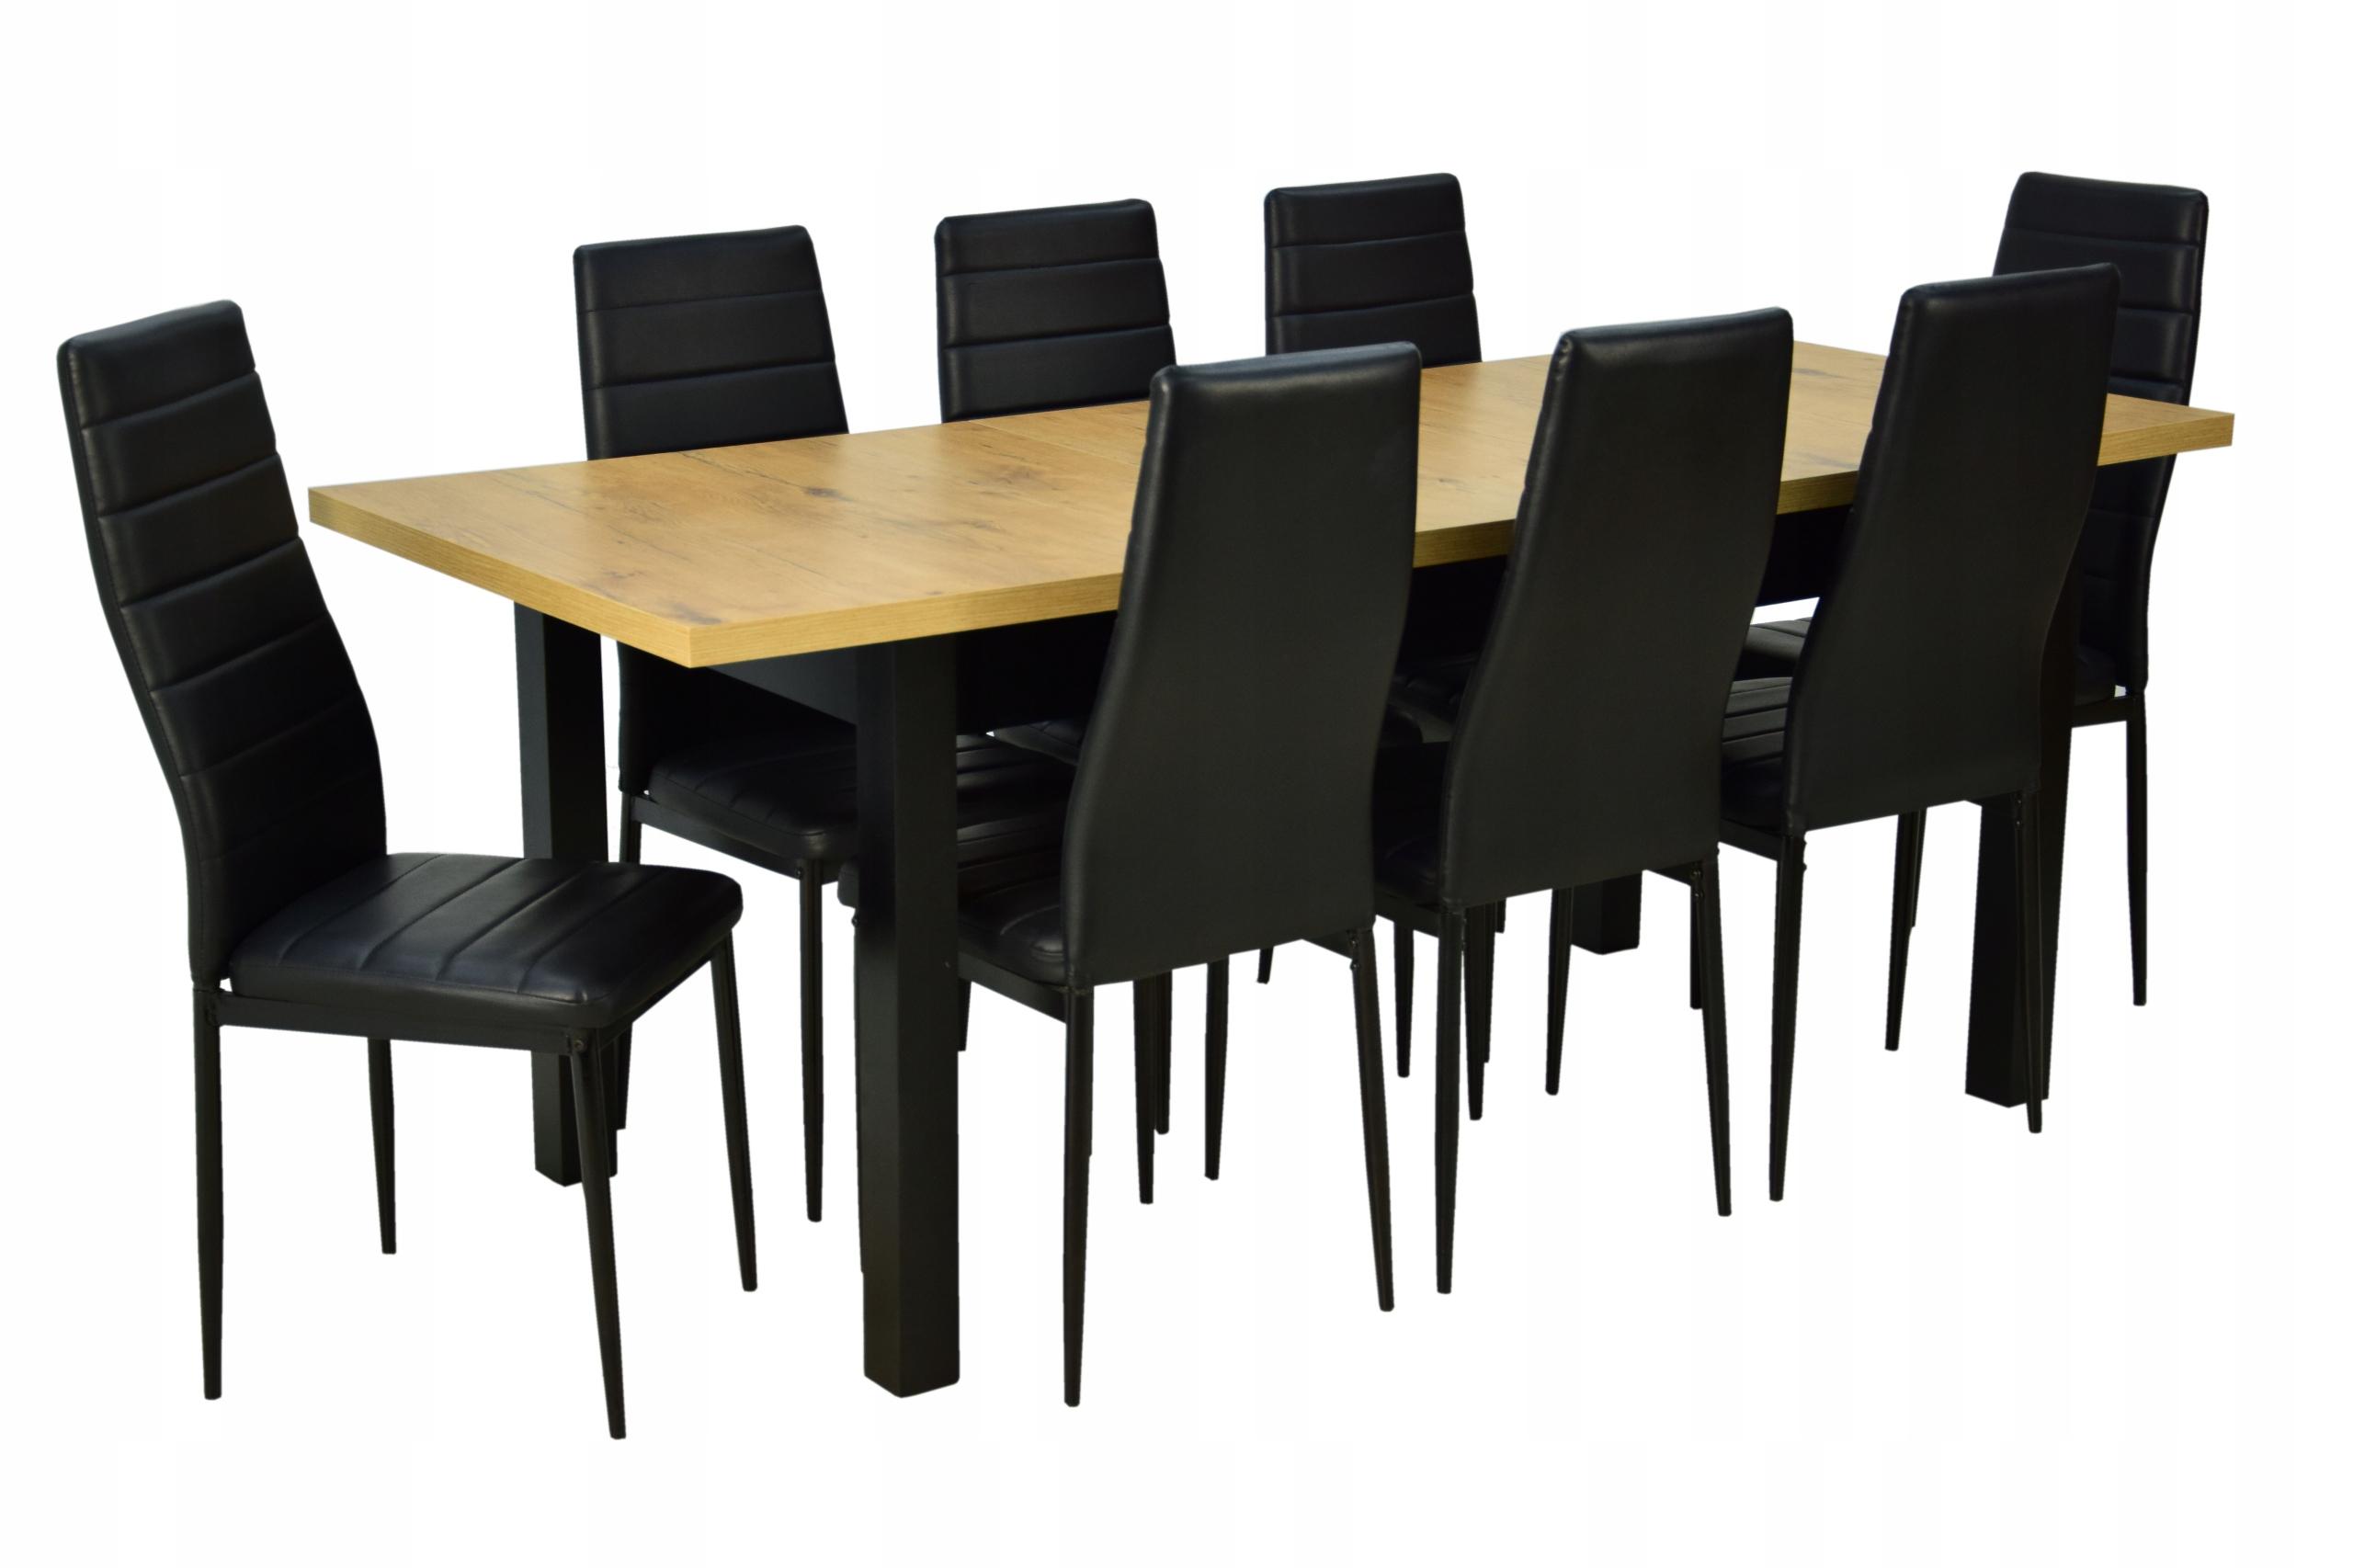 duży stół i 8 krzeseł drewno skandynawski styl